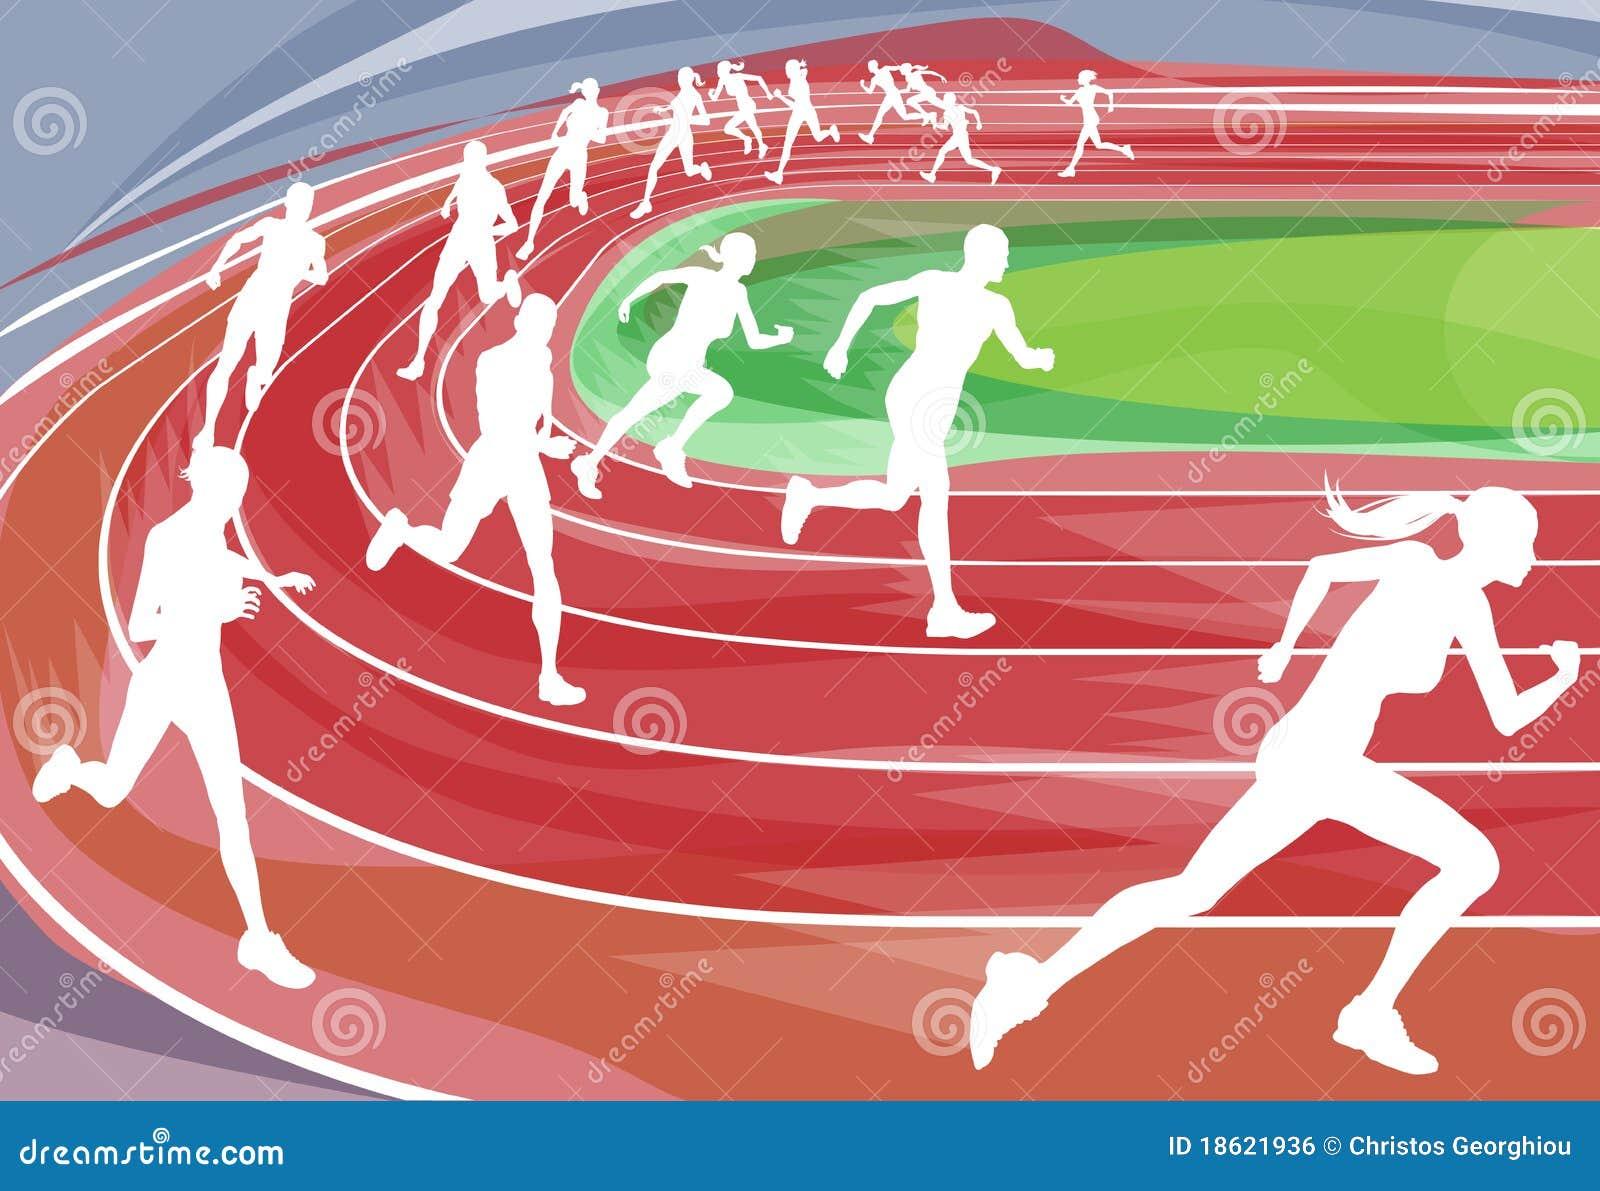 running race on track stock vector illustration of runner clip art free pics runner clip art images